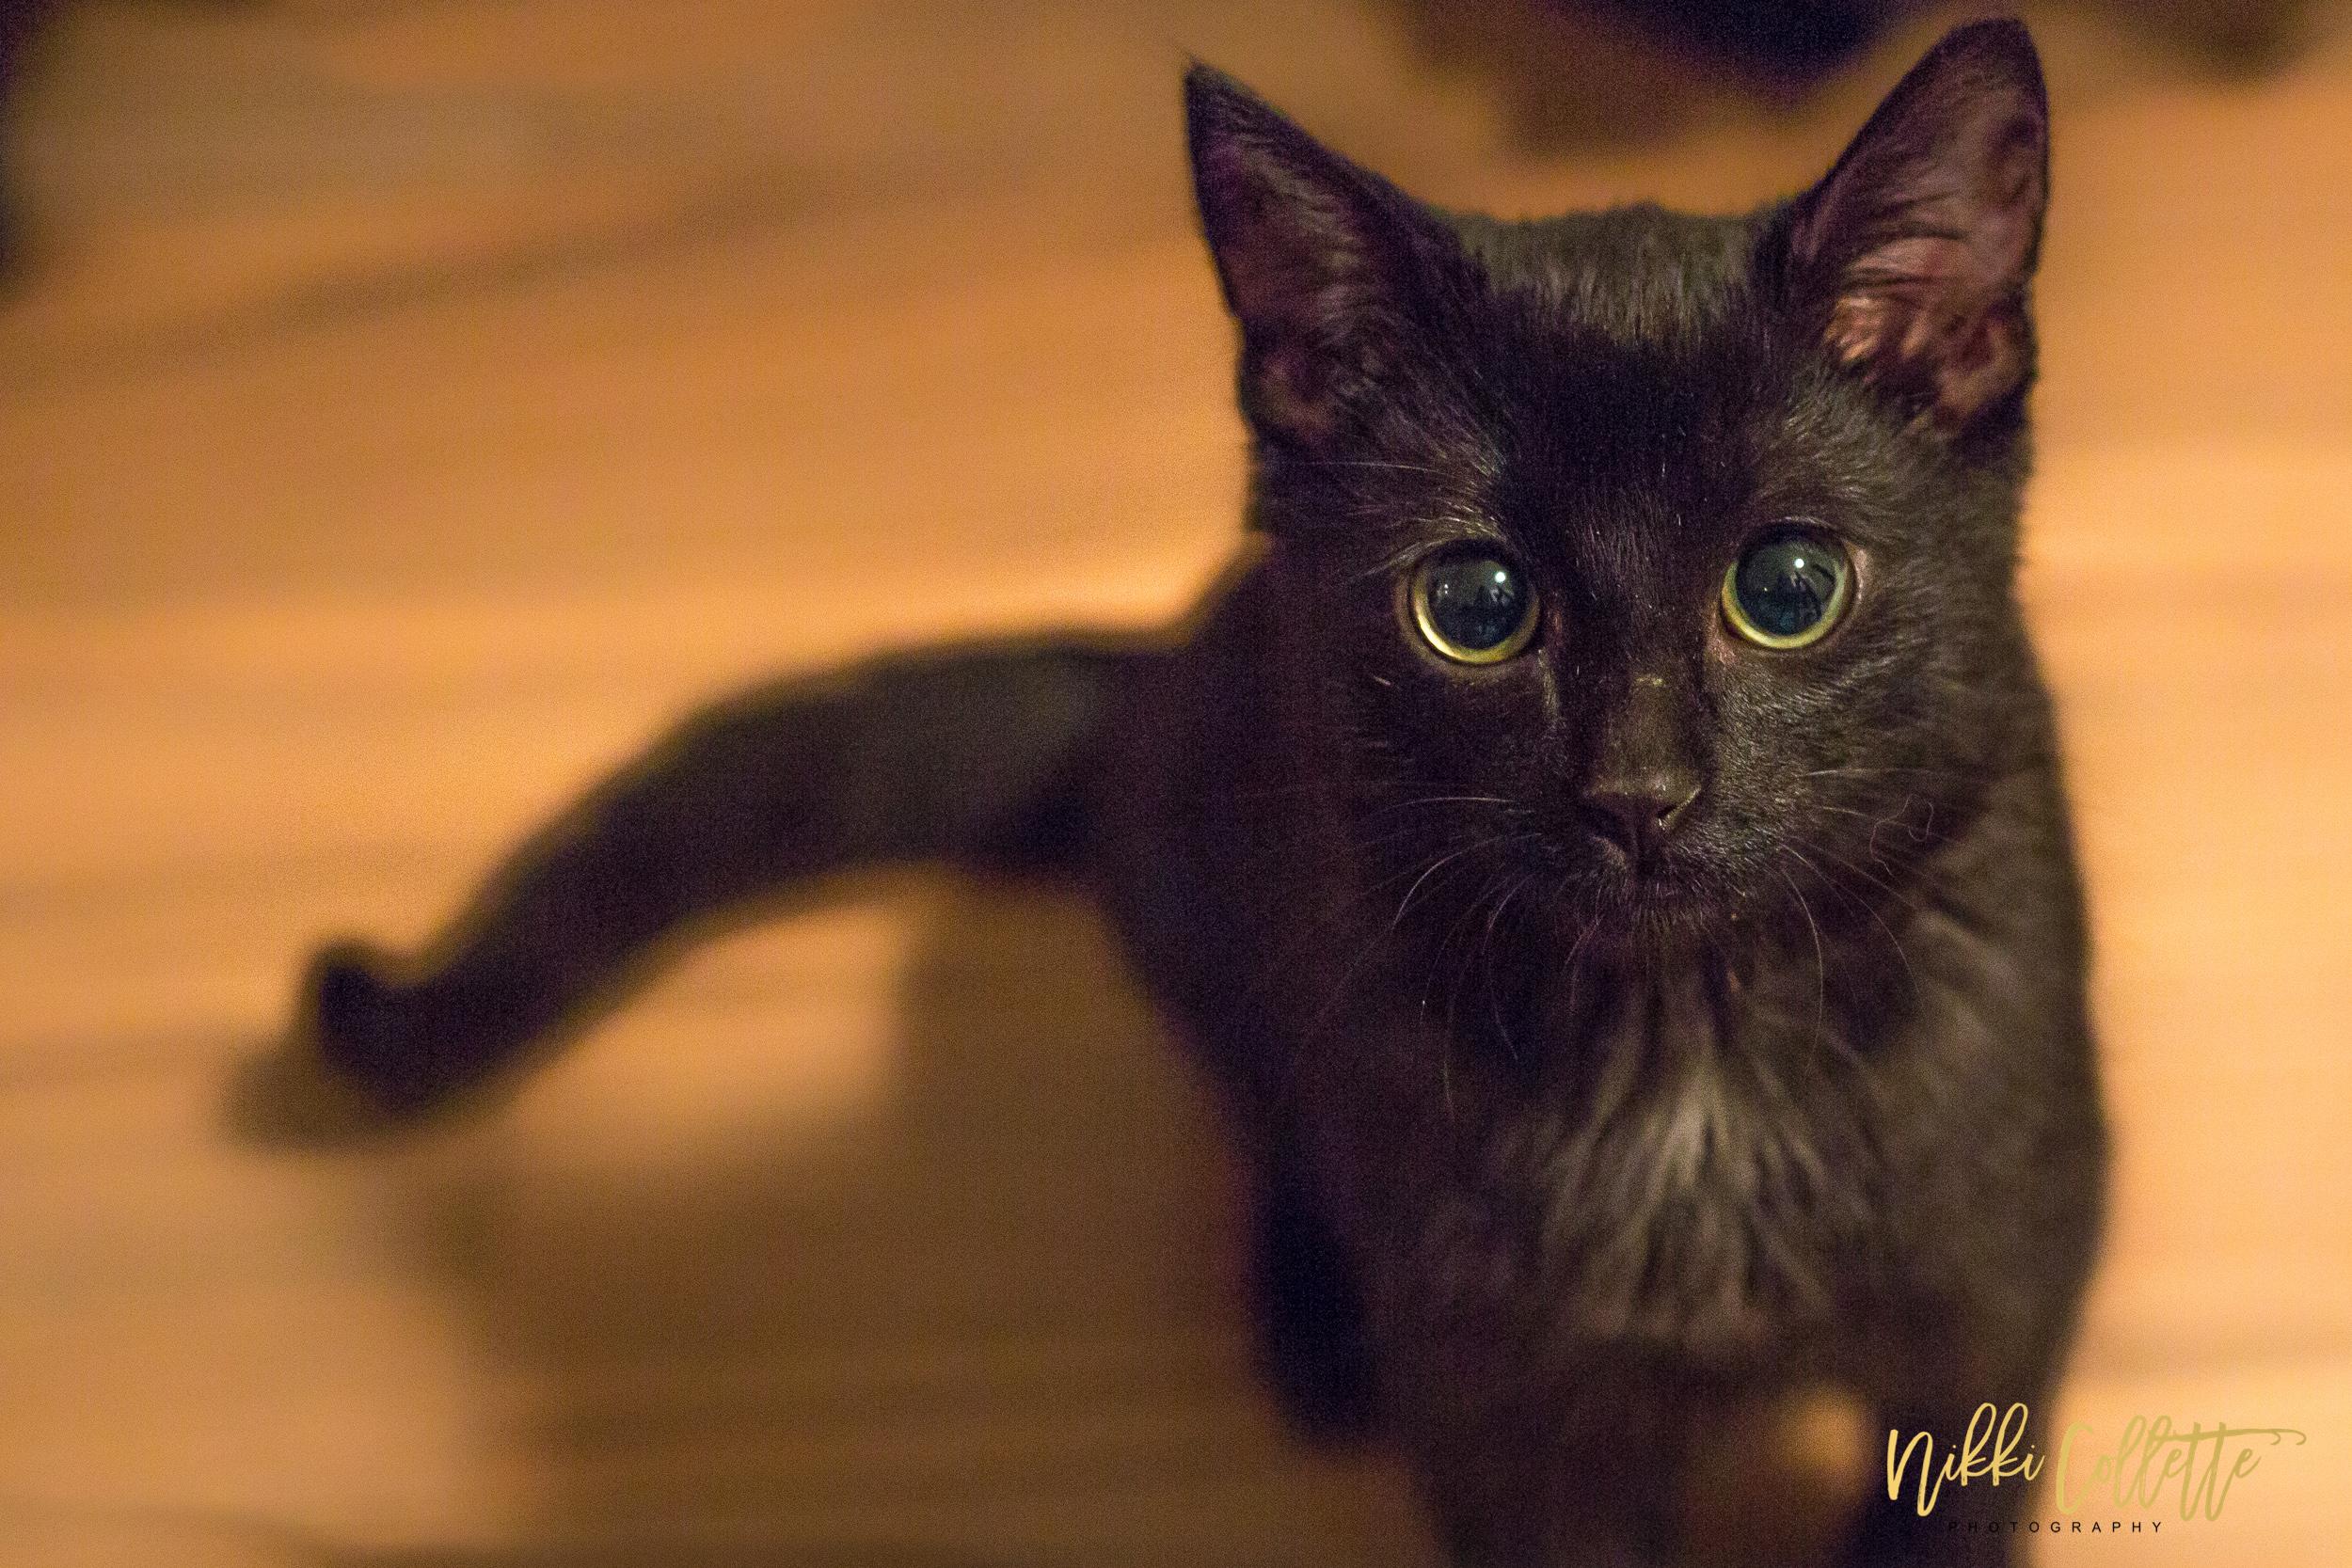 K&T's kitten Salzar